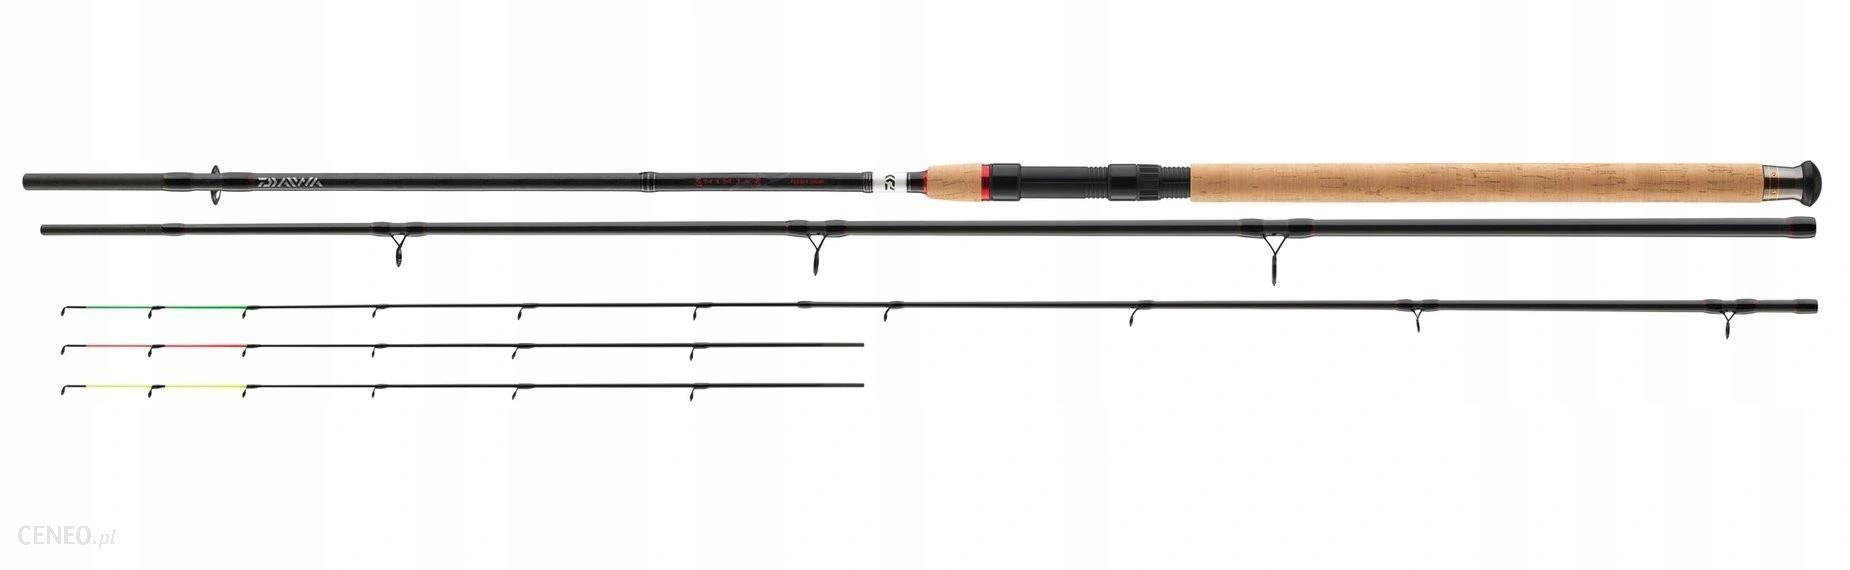 DAIWA WĘDKA NINJA X FEEDER 360 CM 150 G + GRATIS (11606365)